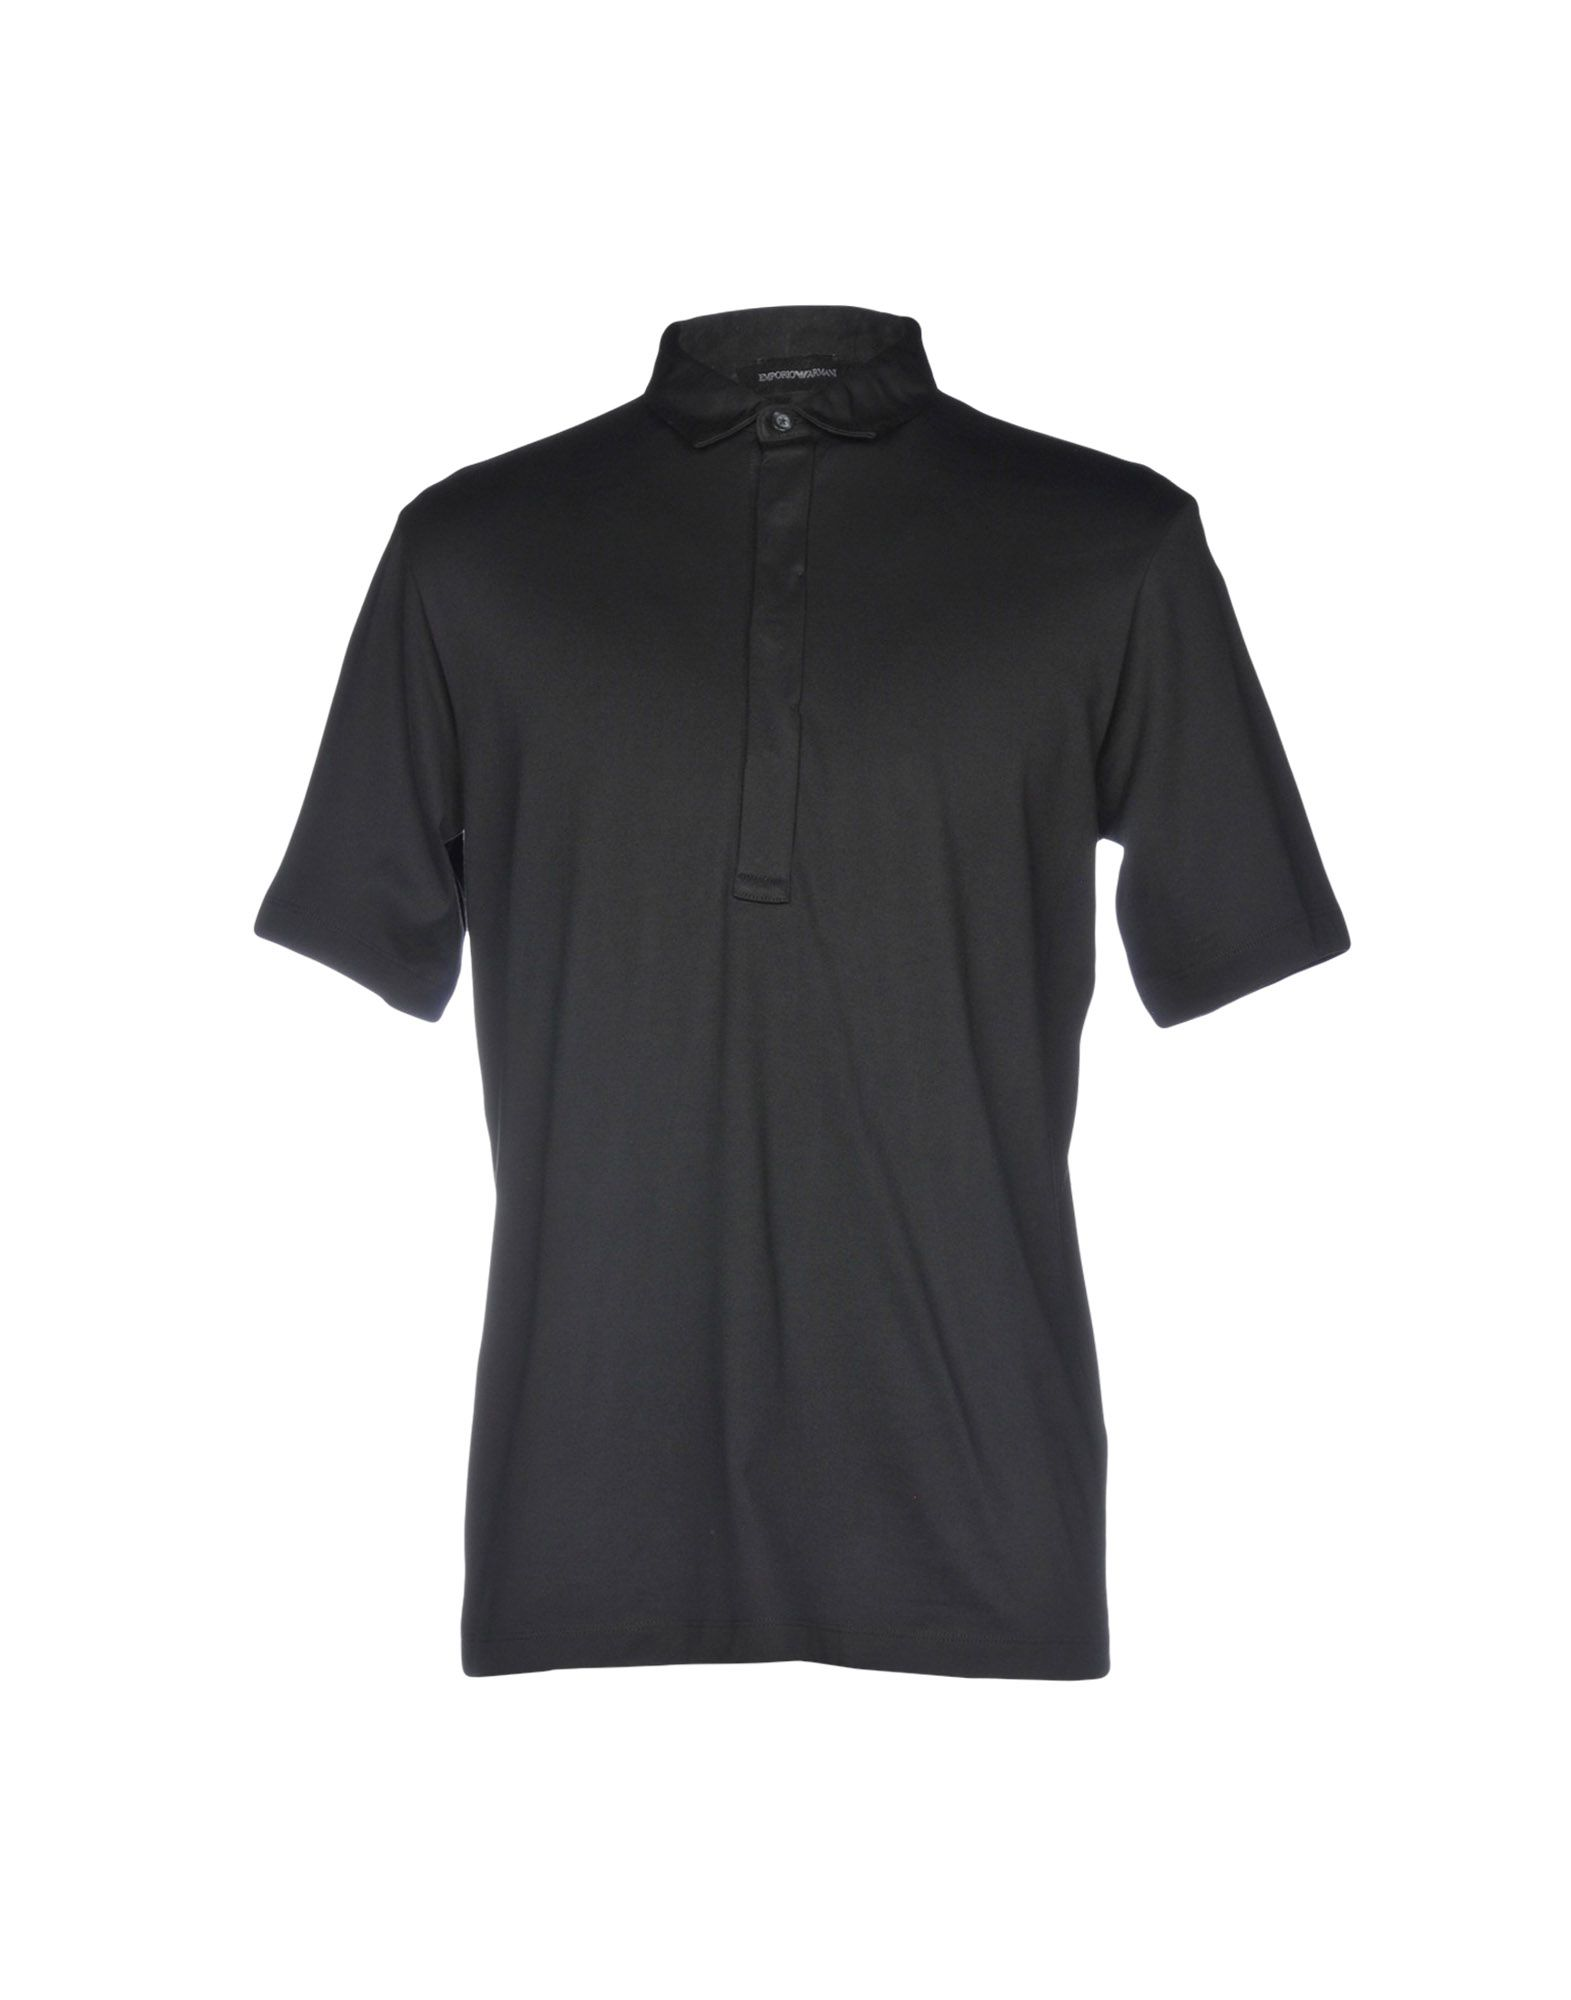 《送料無料》EMPORIO ARMANI メンズ ポロシャツ ブラック S コットン 100%